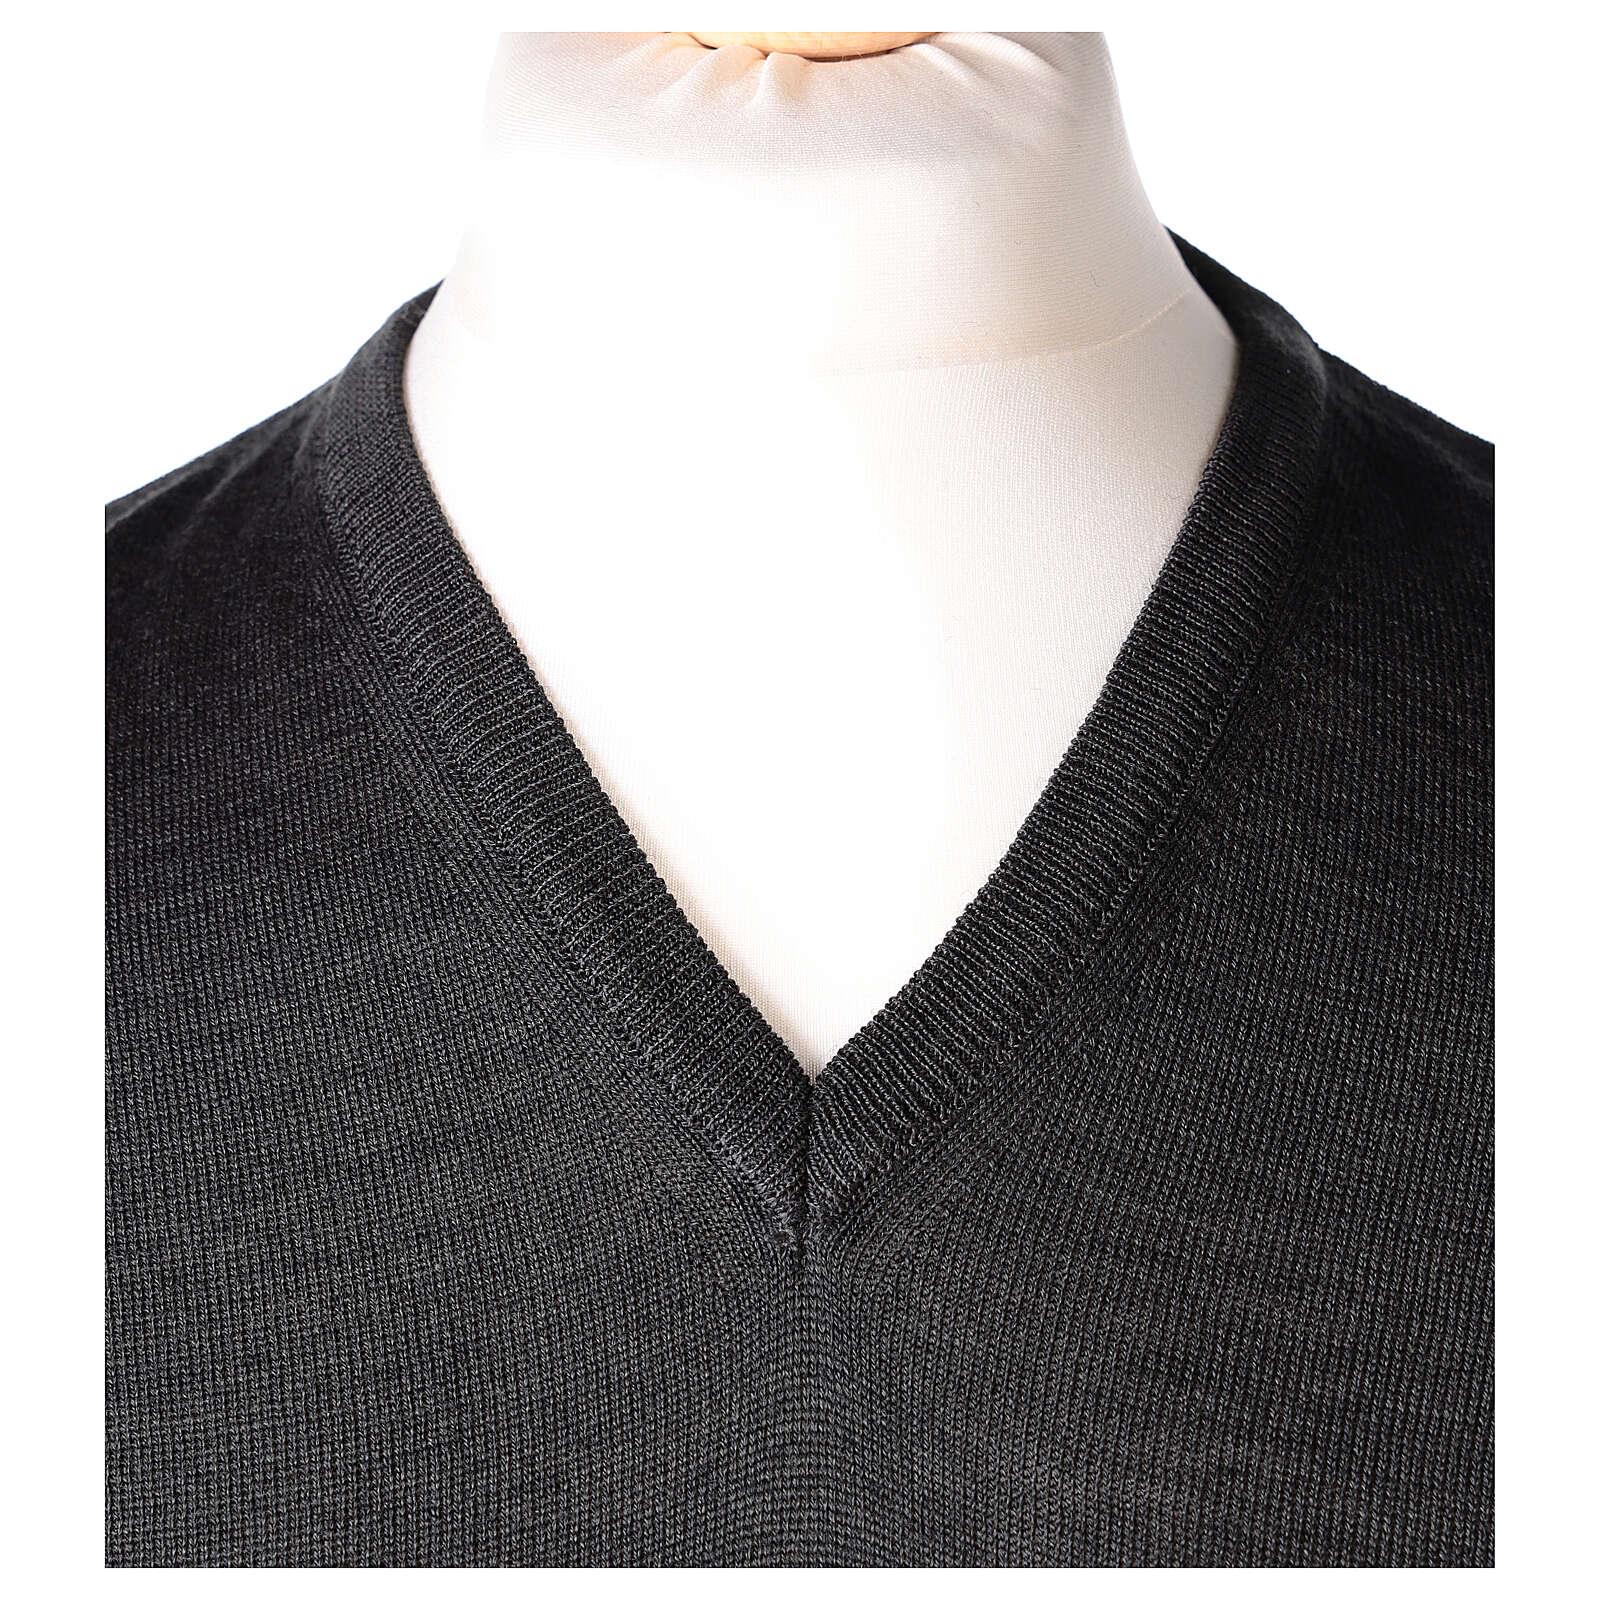 Chaleco sacerdote gris antracita cerrado punto al derecho 50% lana merina 50% acrílico In Primis 4